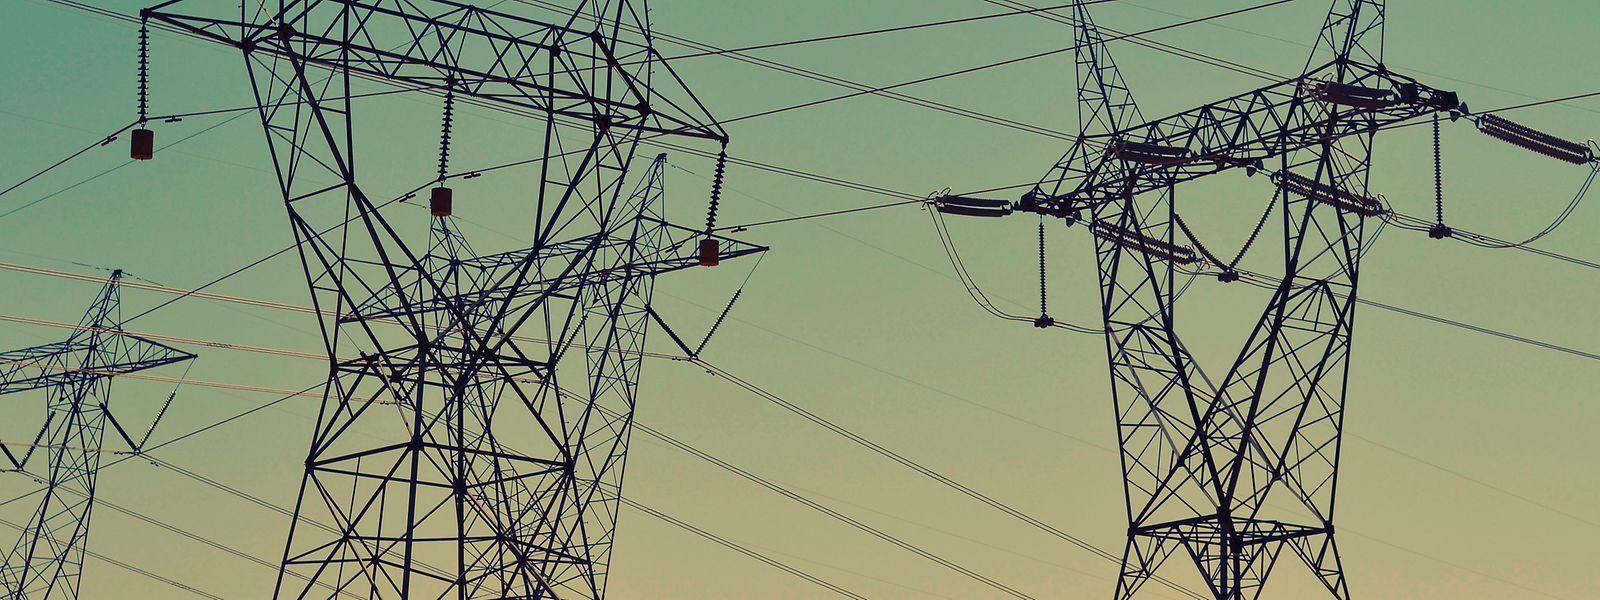 Eine Kilowattstunde Strom kostet in Luxemburg 16,9 Cent, das ist weniger als der EU-Durchschnittspreis (21,1 Cent).